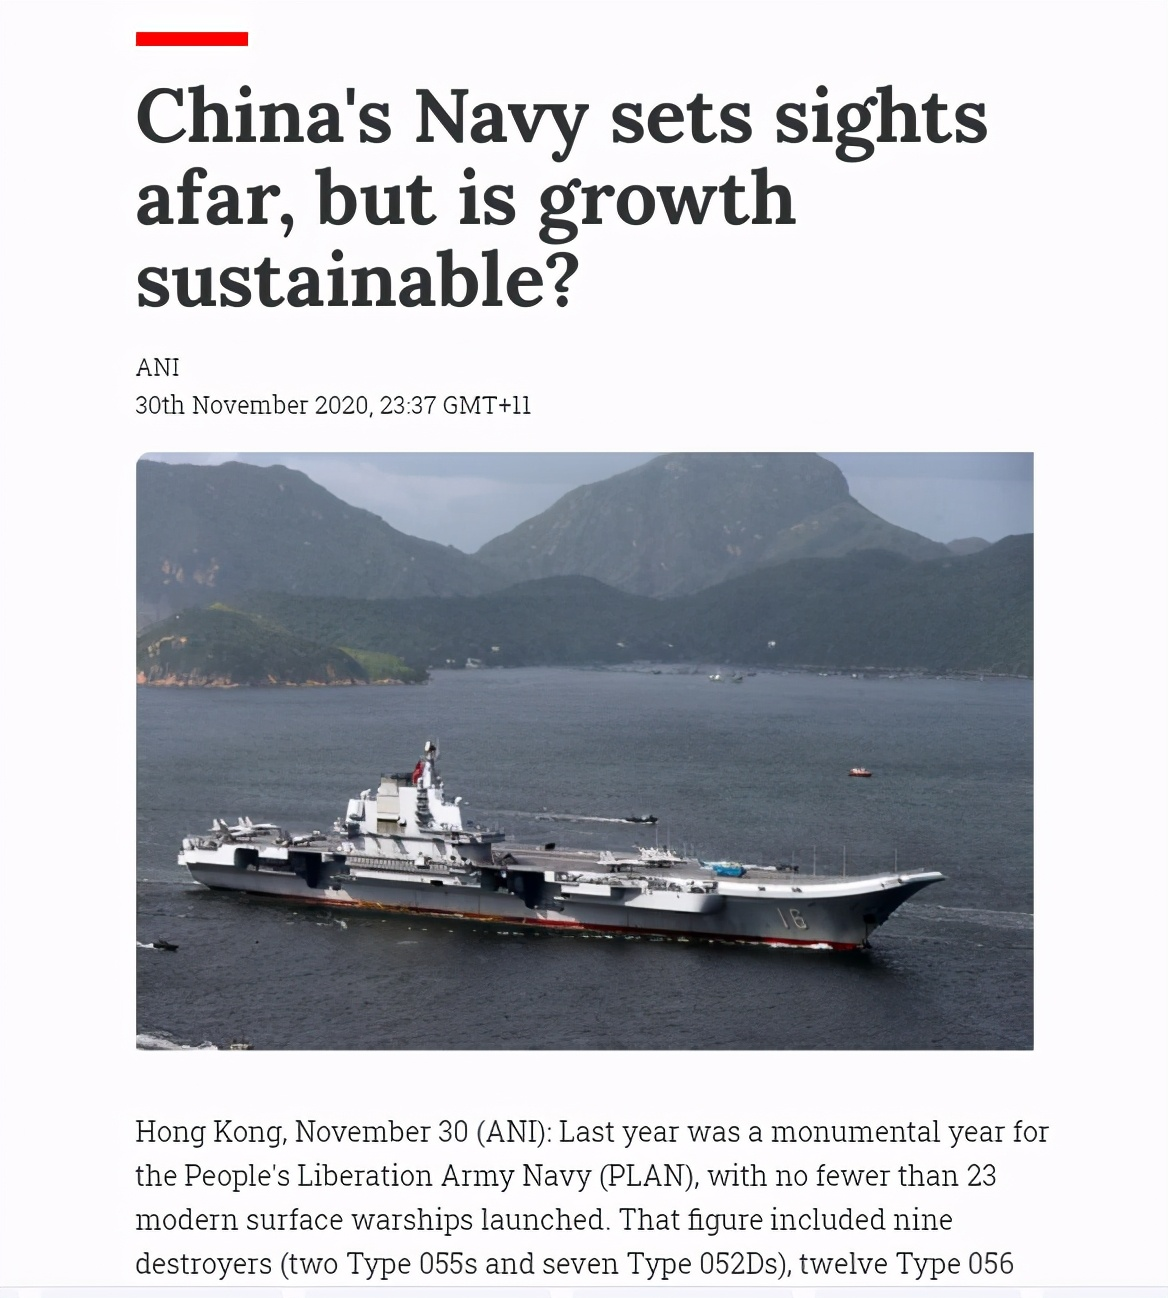 中国海军增长何时减速?美报告:至少拥有4艘航母和20艘055大驱后